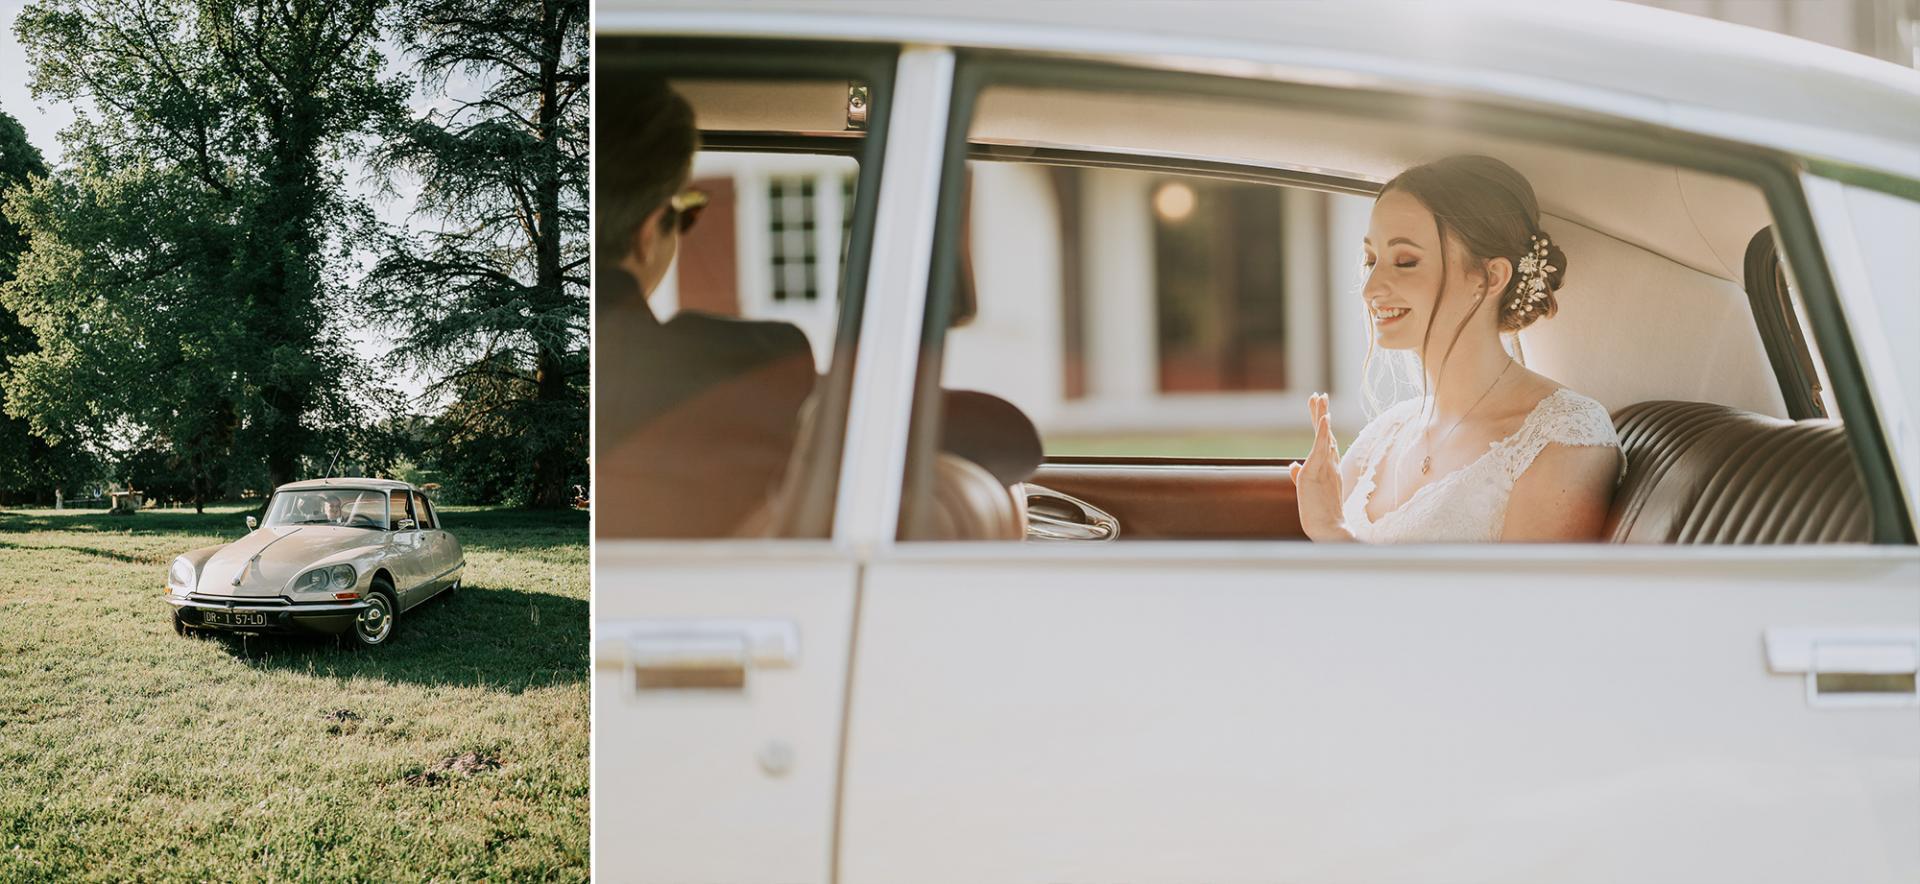 25 photographe de mariage landes dax aquitaine allison micallef la voiture ancienne 1